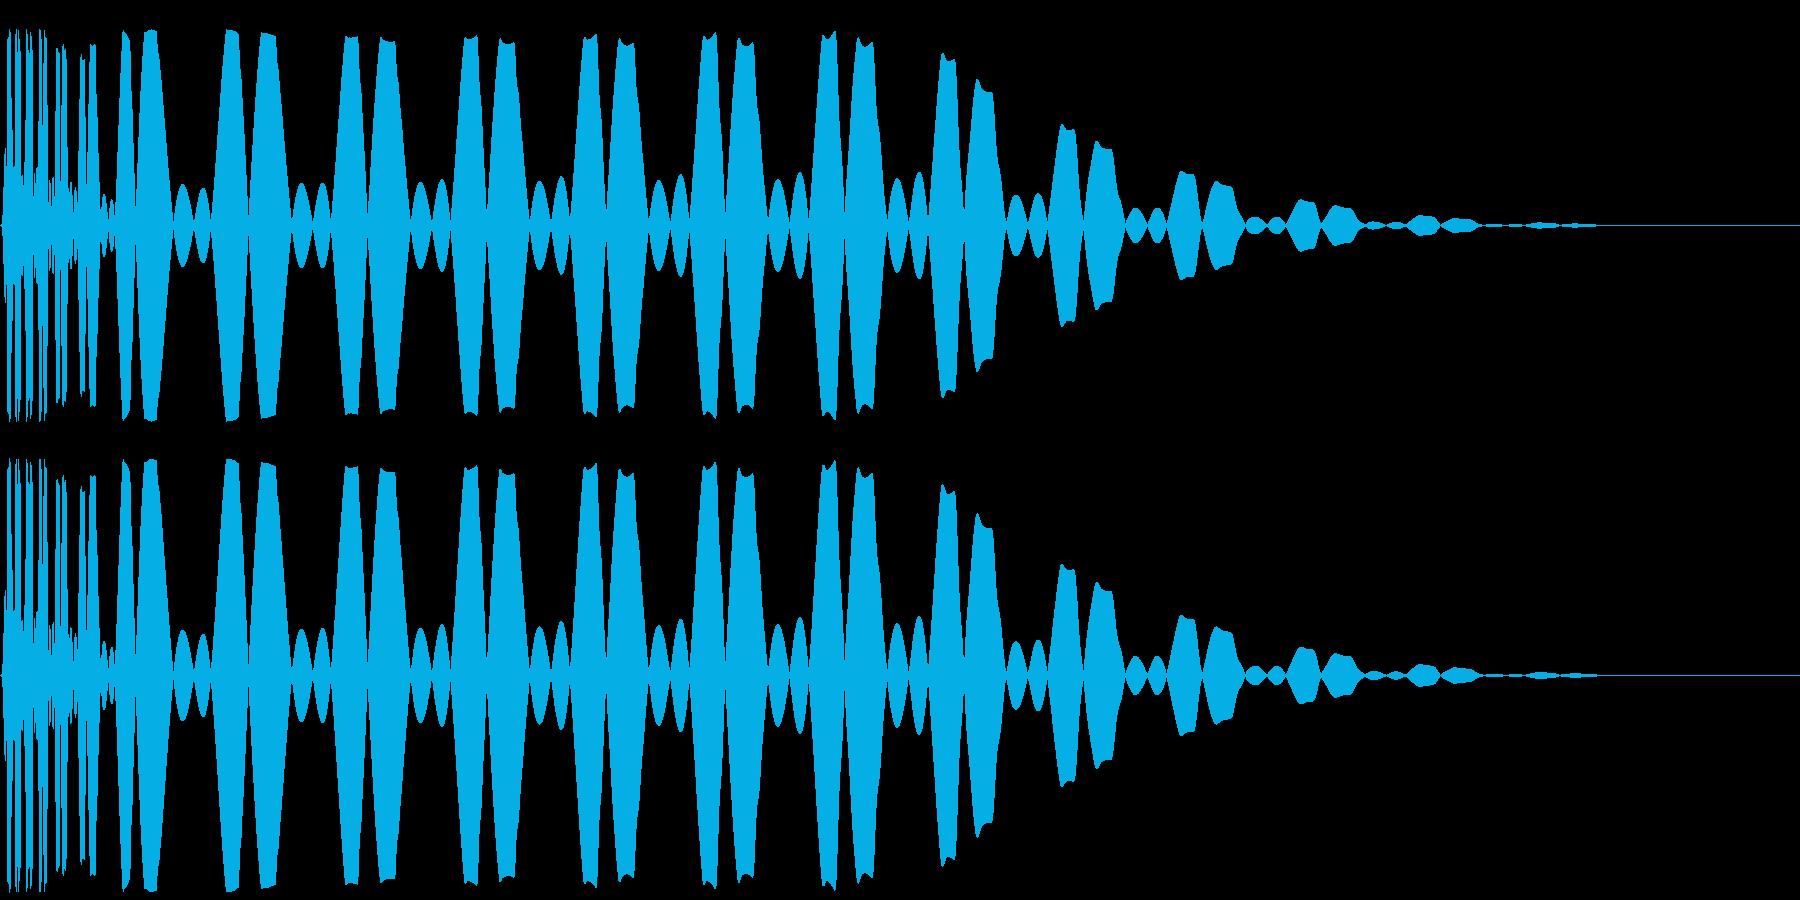 キック/ドラム/デジタル/Key-Bの再生済みの波形